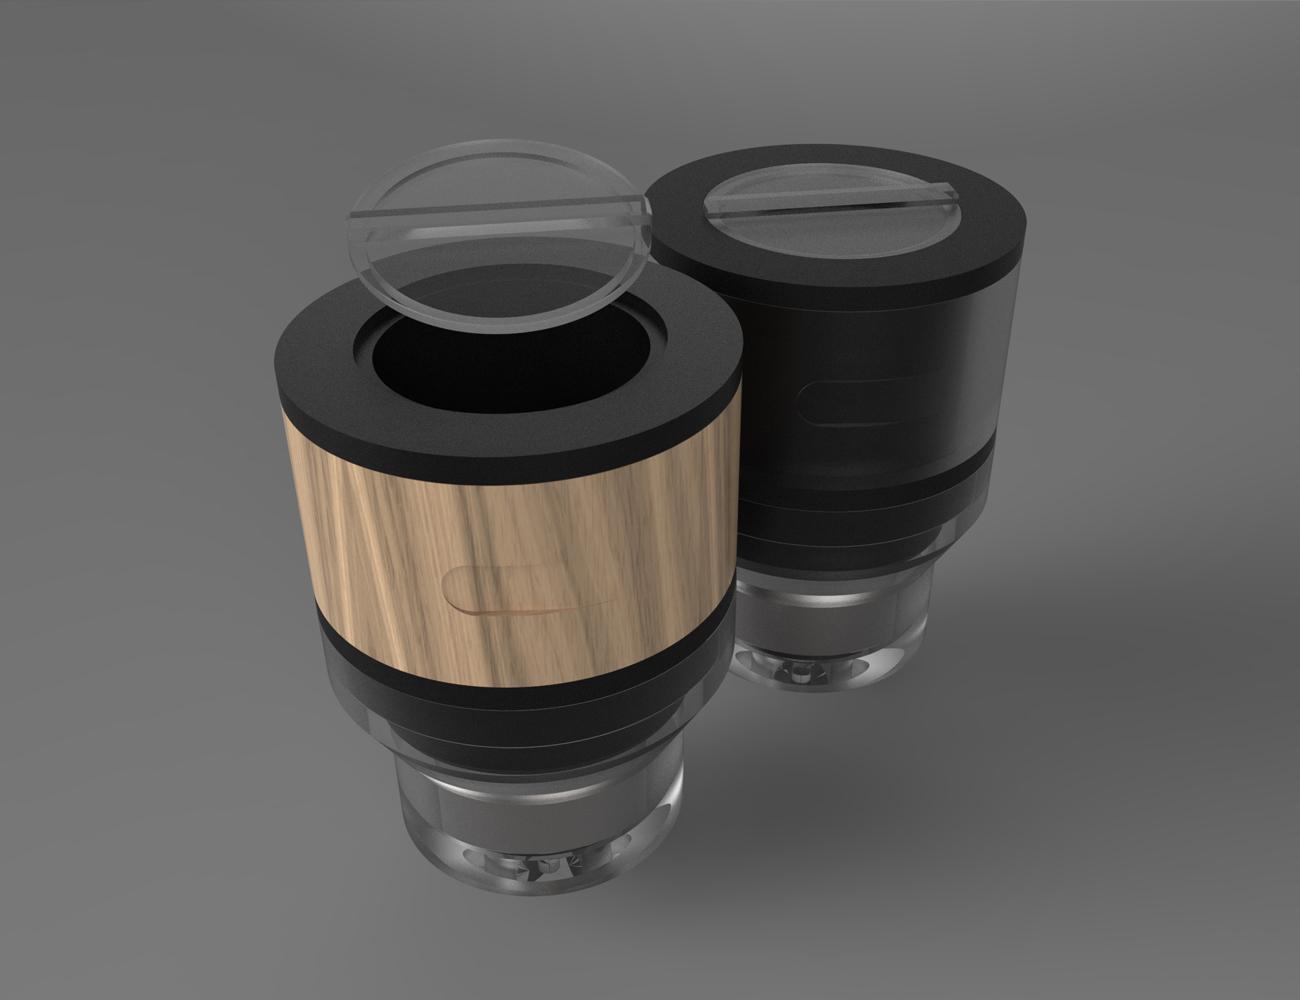 FUSE Modular Coffee Press